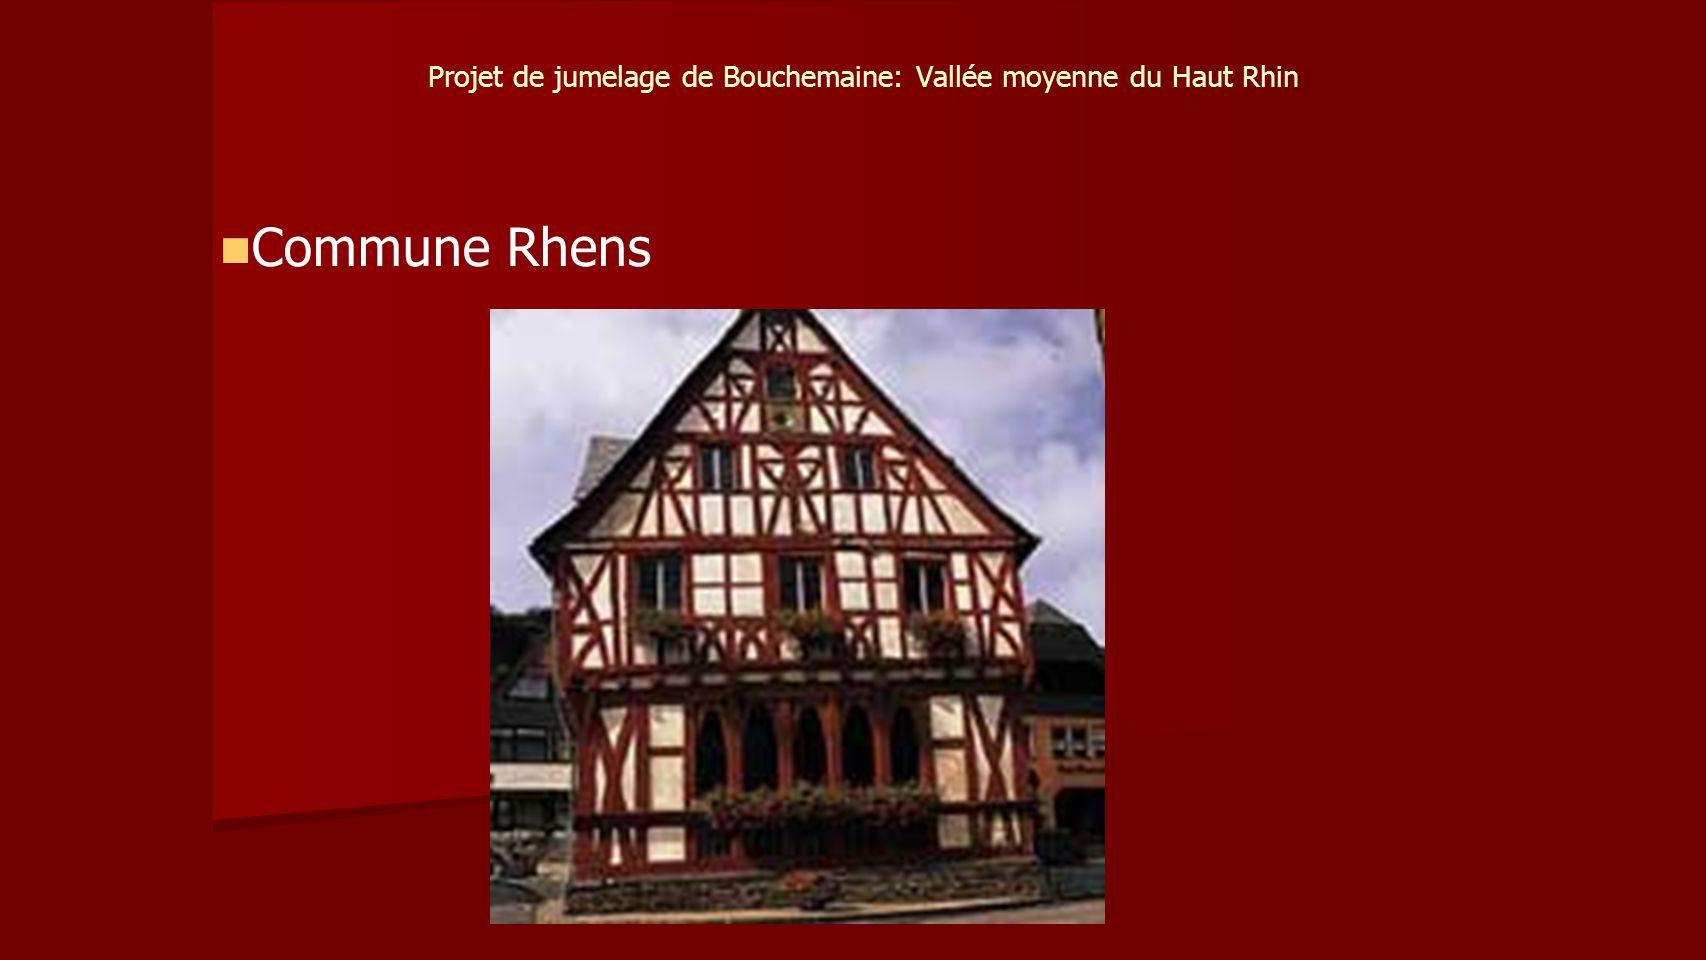 Projet de jumelage de Bouchemaine: Vallée moyenne du Haut Rhin Commune Rhens